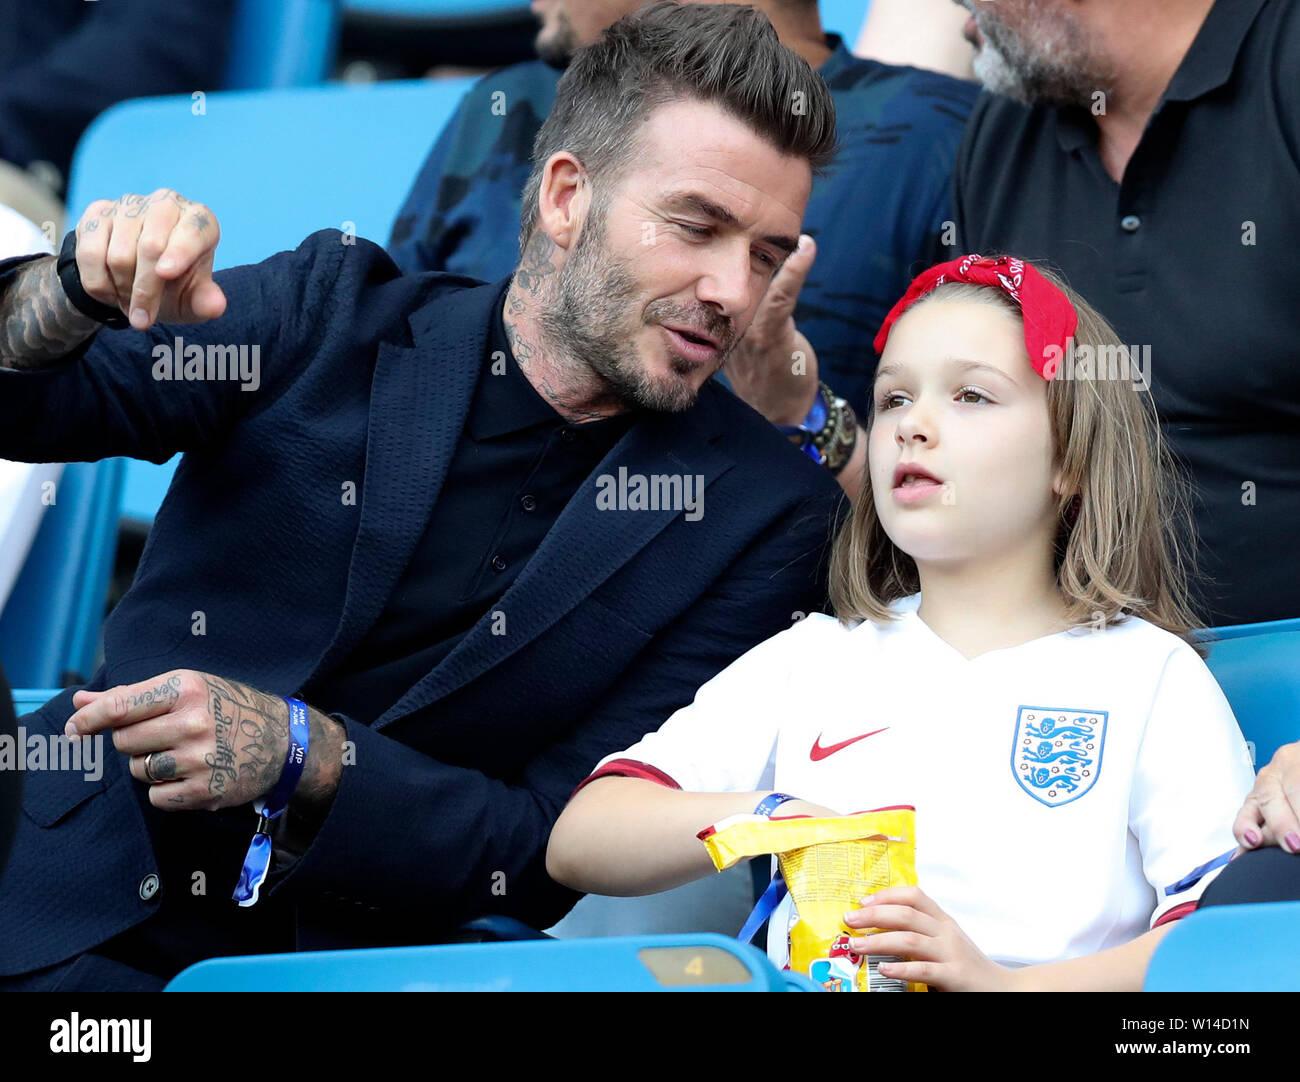 0d1cf93a3048 (190630) -- BEIJING, June 30, 2019 (Xinhua) -- (190630) -- BEIJING, June  30, 2019 (Xinhua) -- David Beckham and his daughter Harper Beckham watch ...